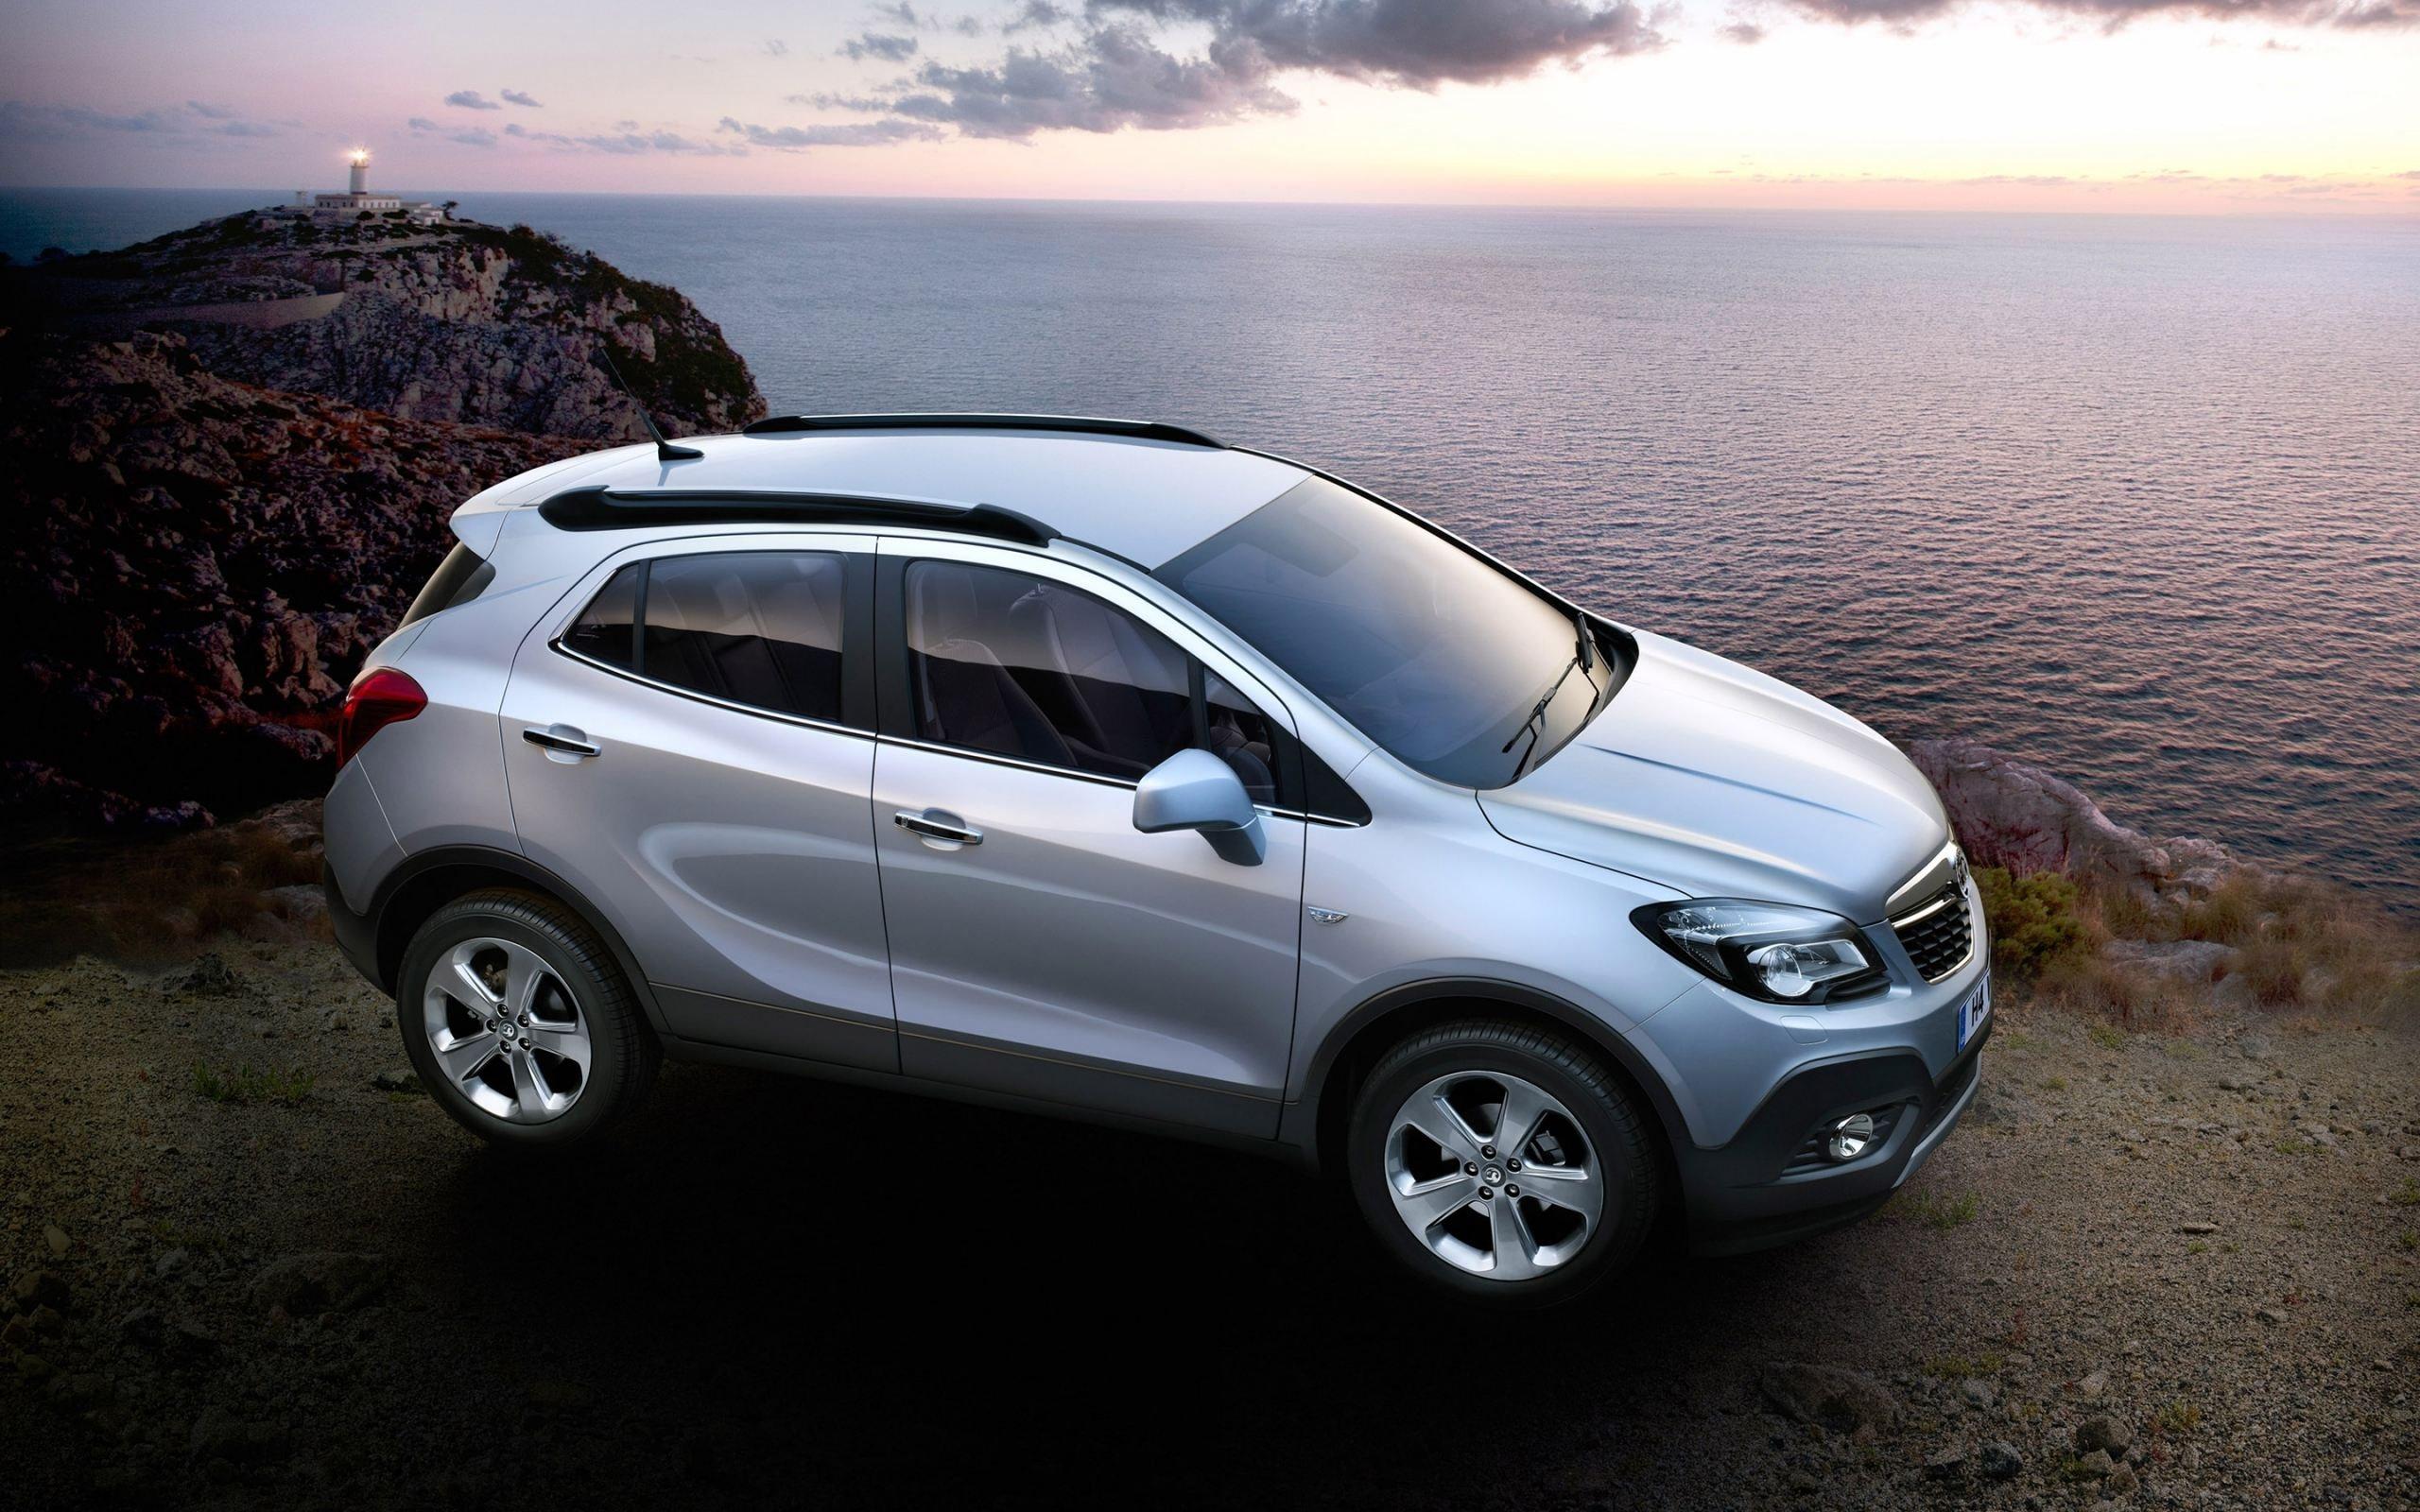 2013 Opel Mokka Wallpapers 2560x1600 578727